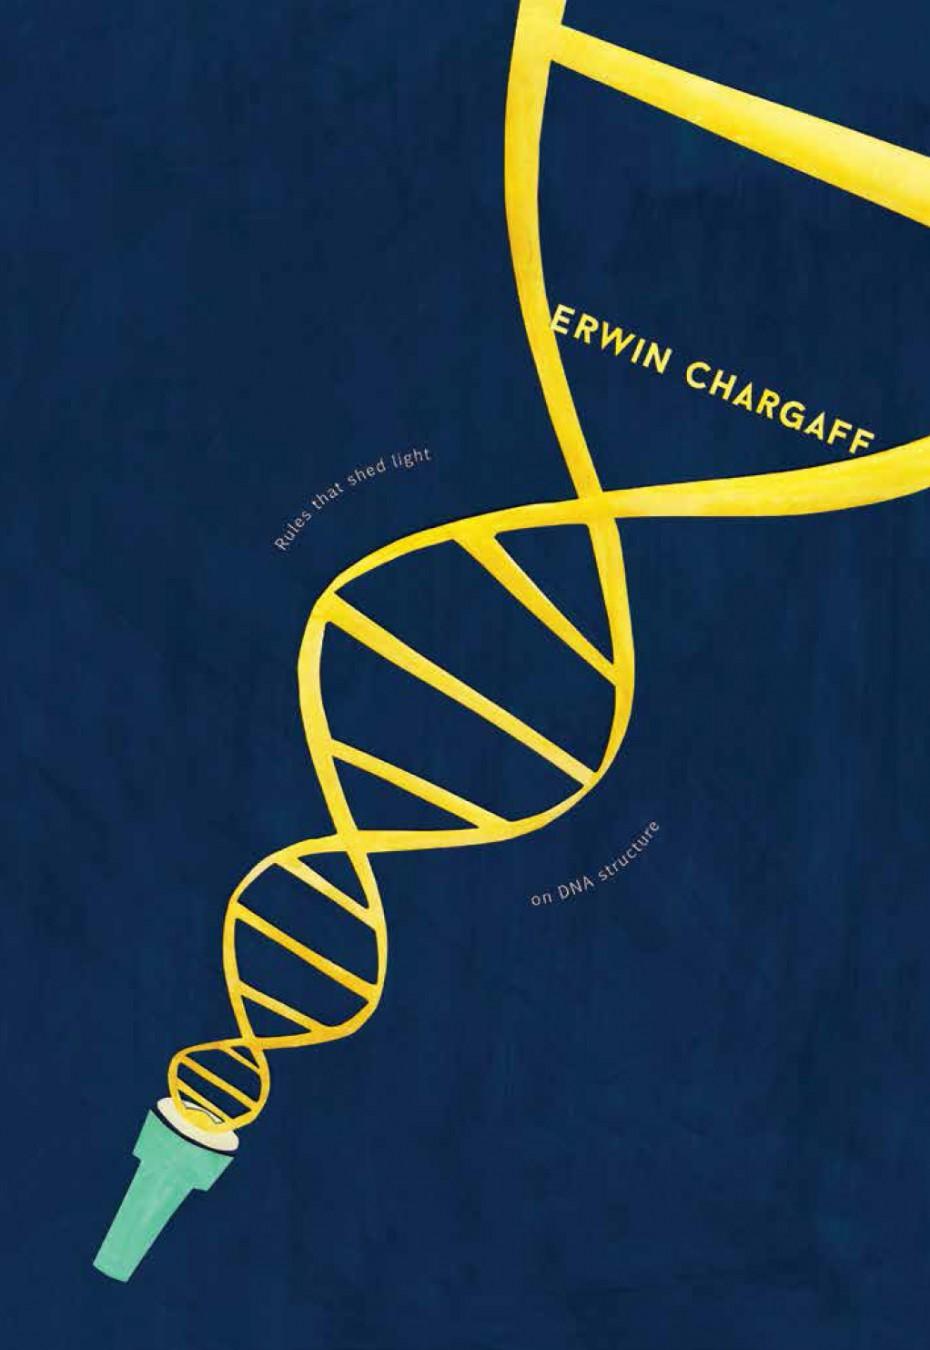 ПРАВИЛО ЧАРГАФФА – КЛЮЧ ДО ДНК